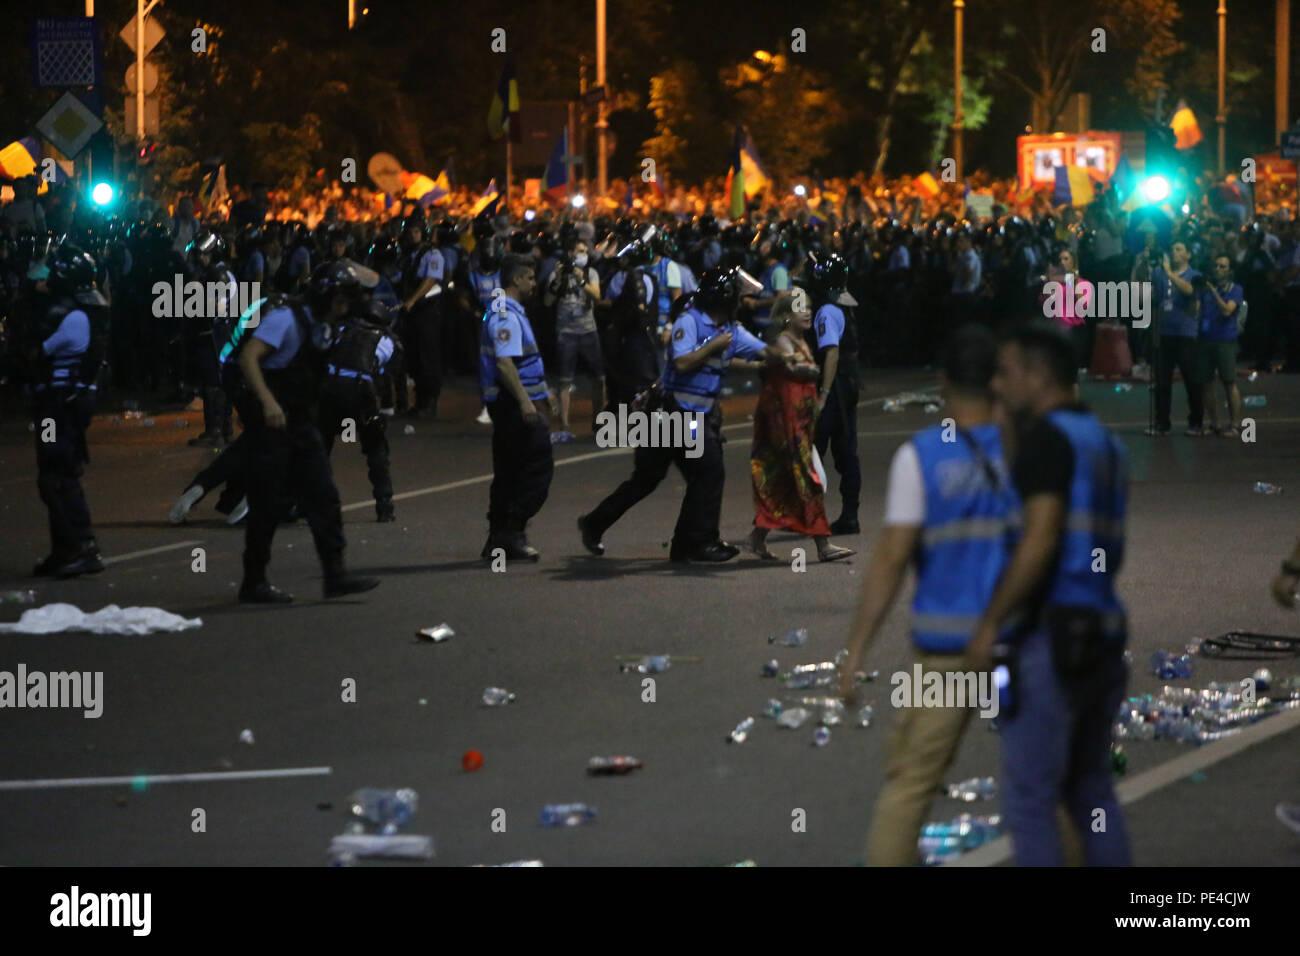 Bucarest, Roumanie - 10 août 2018: Des dizaines de milliers de personnes participent à la violente manifestation de protestation contre le gouvernement de Bucarest. Photo Stock